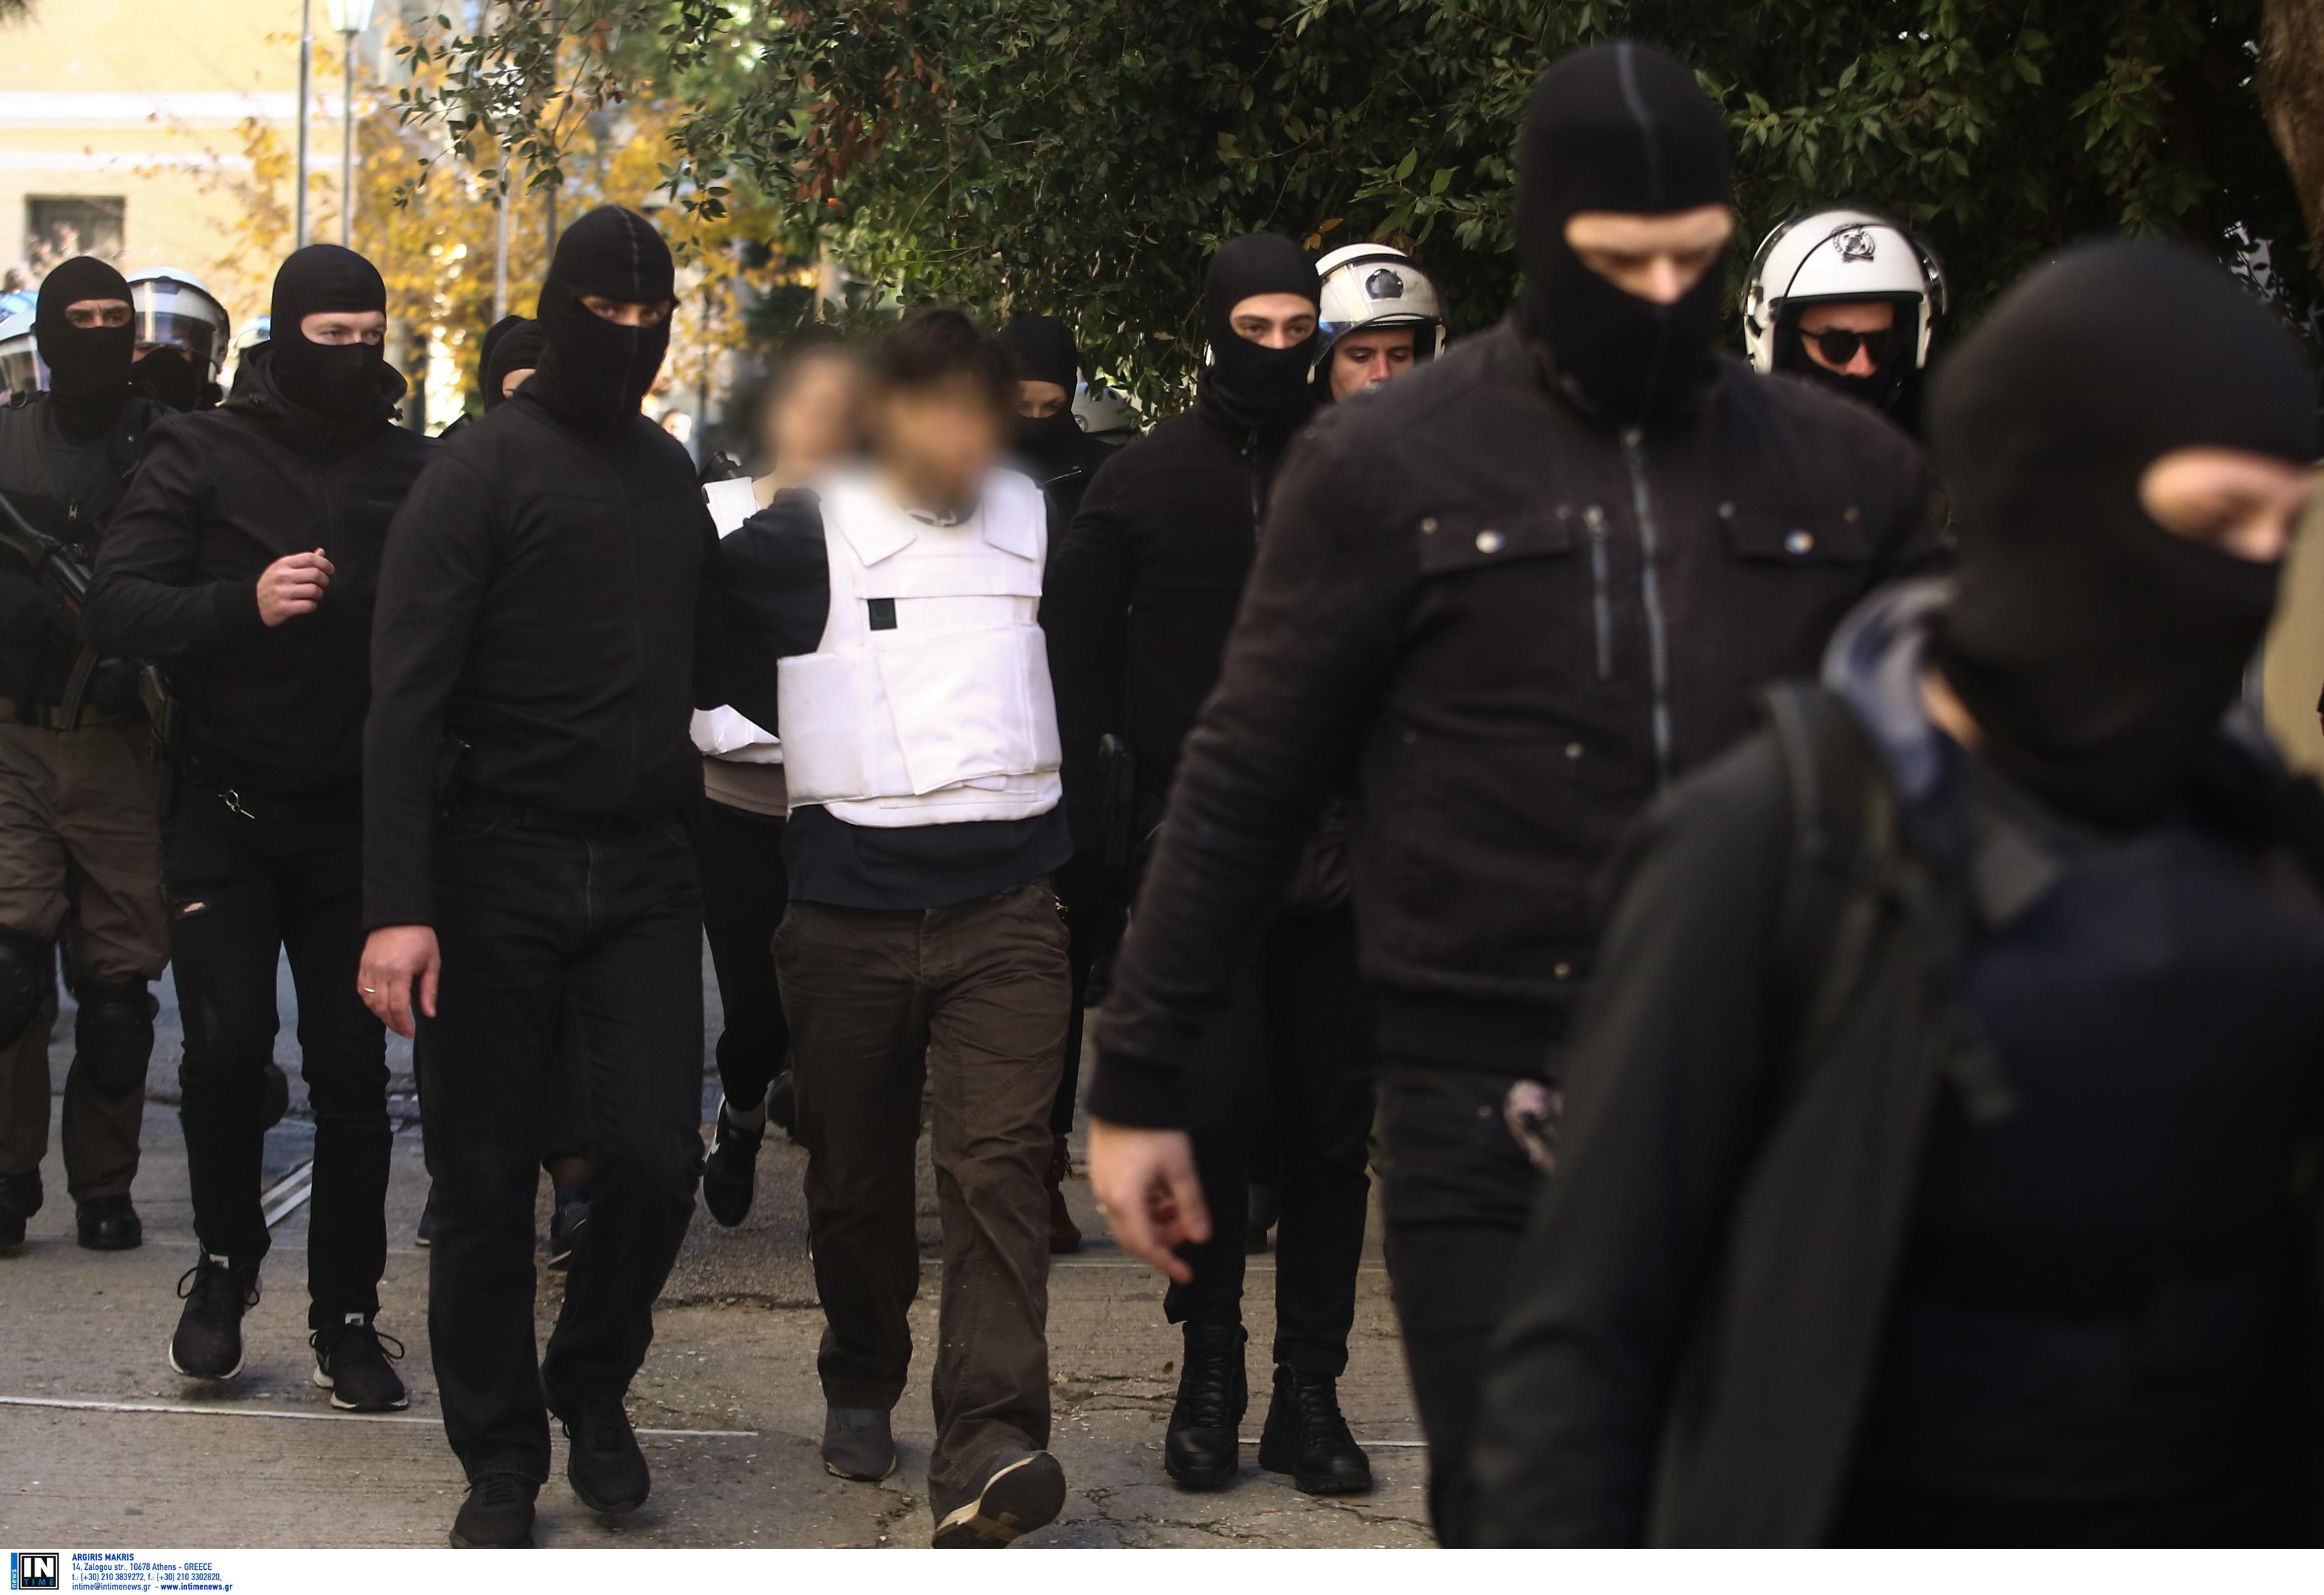 Τοξοβόλος: Ο εντοπισμός της γιάφκας το νέο στοίχημα της αντιτρομοκρατικής